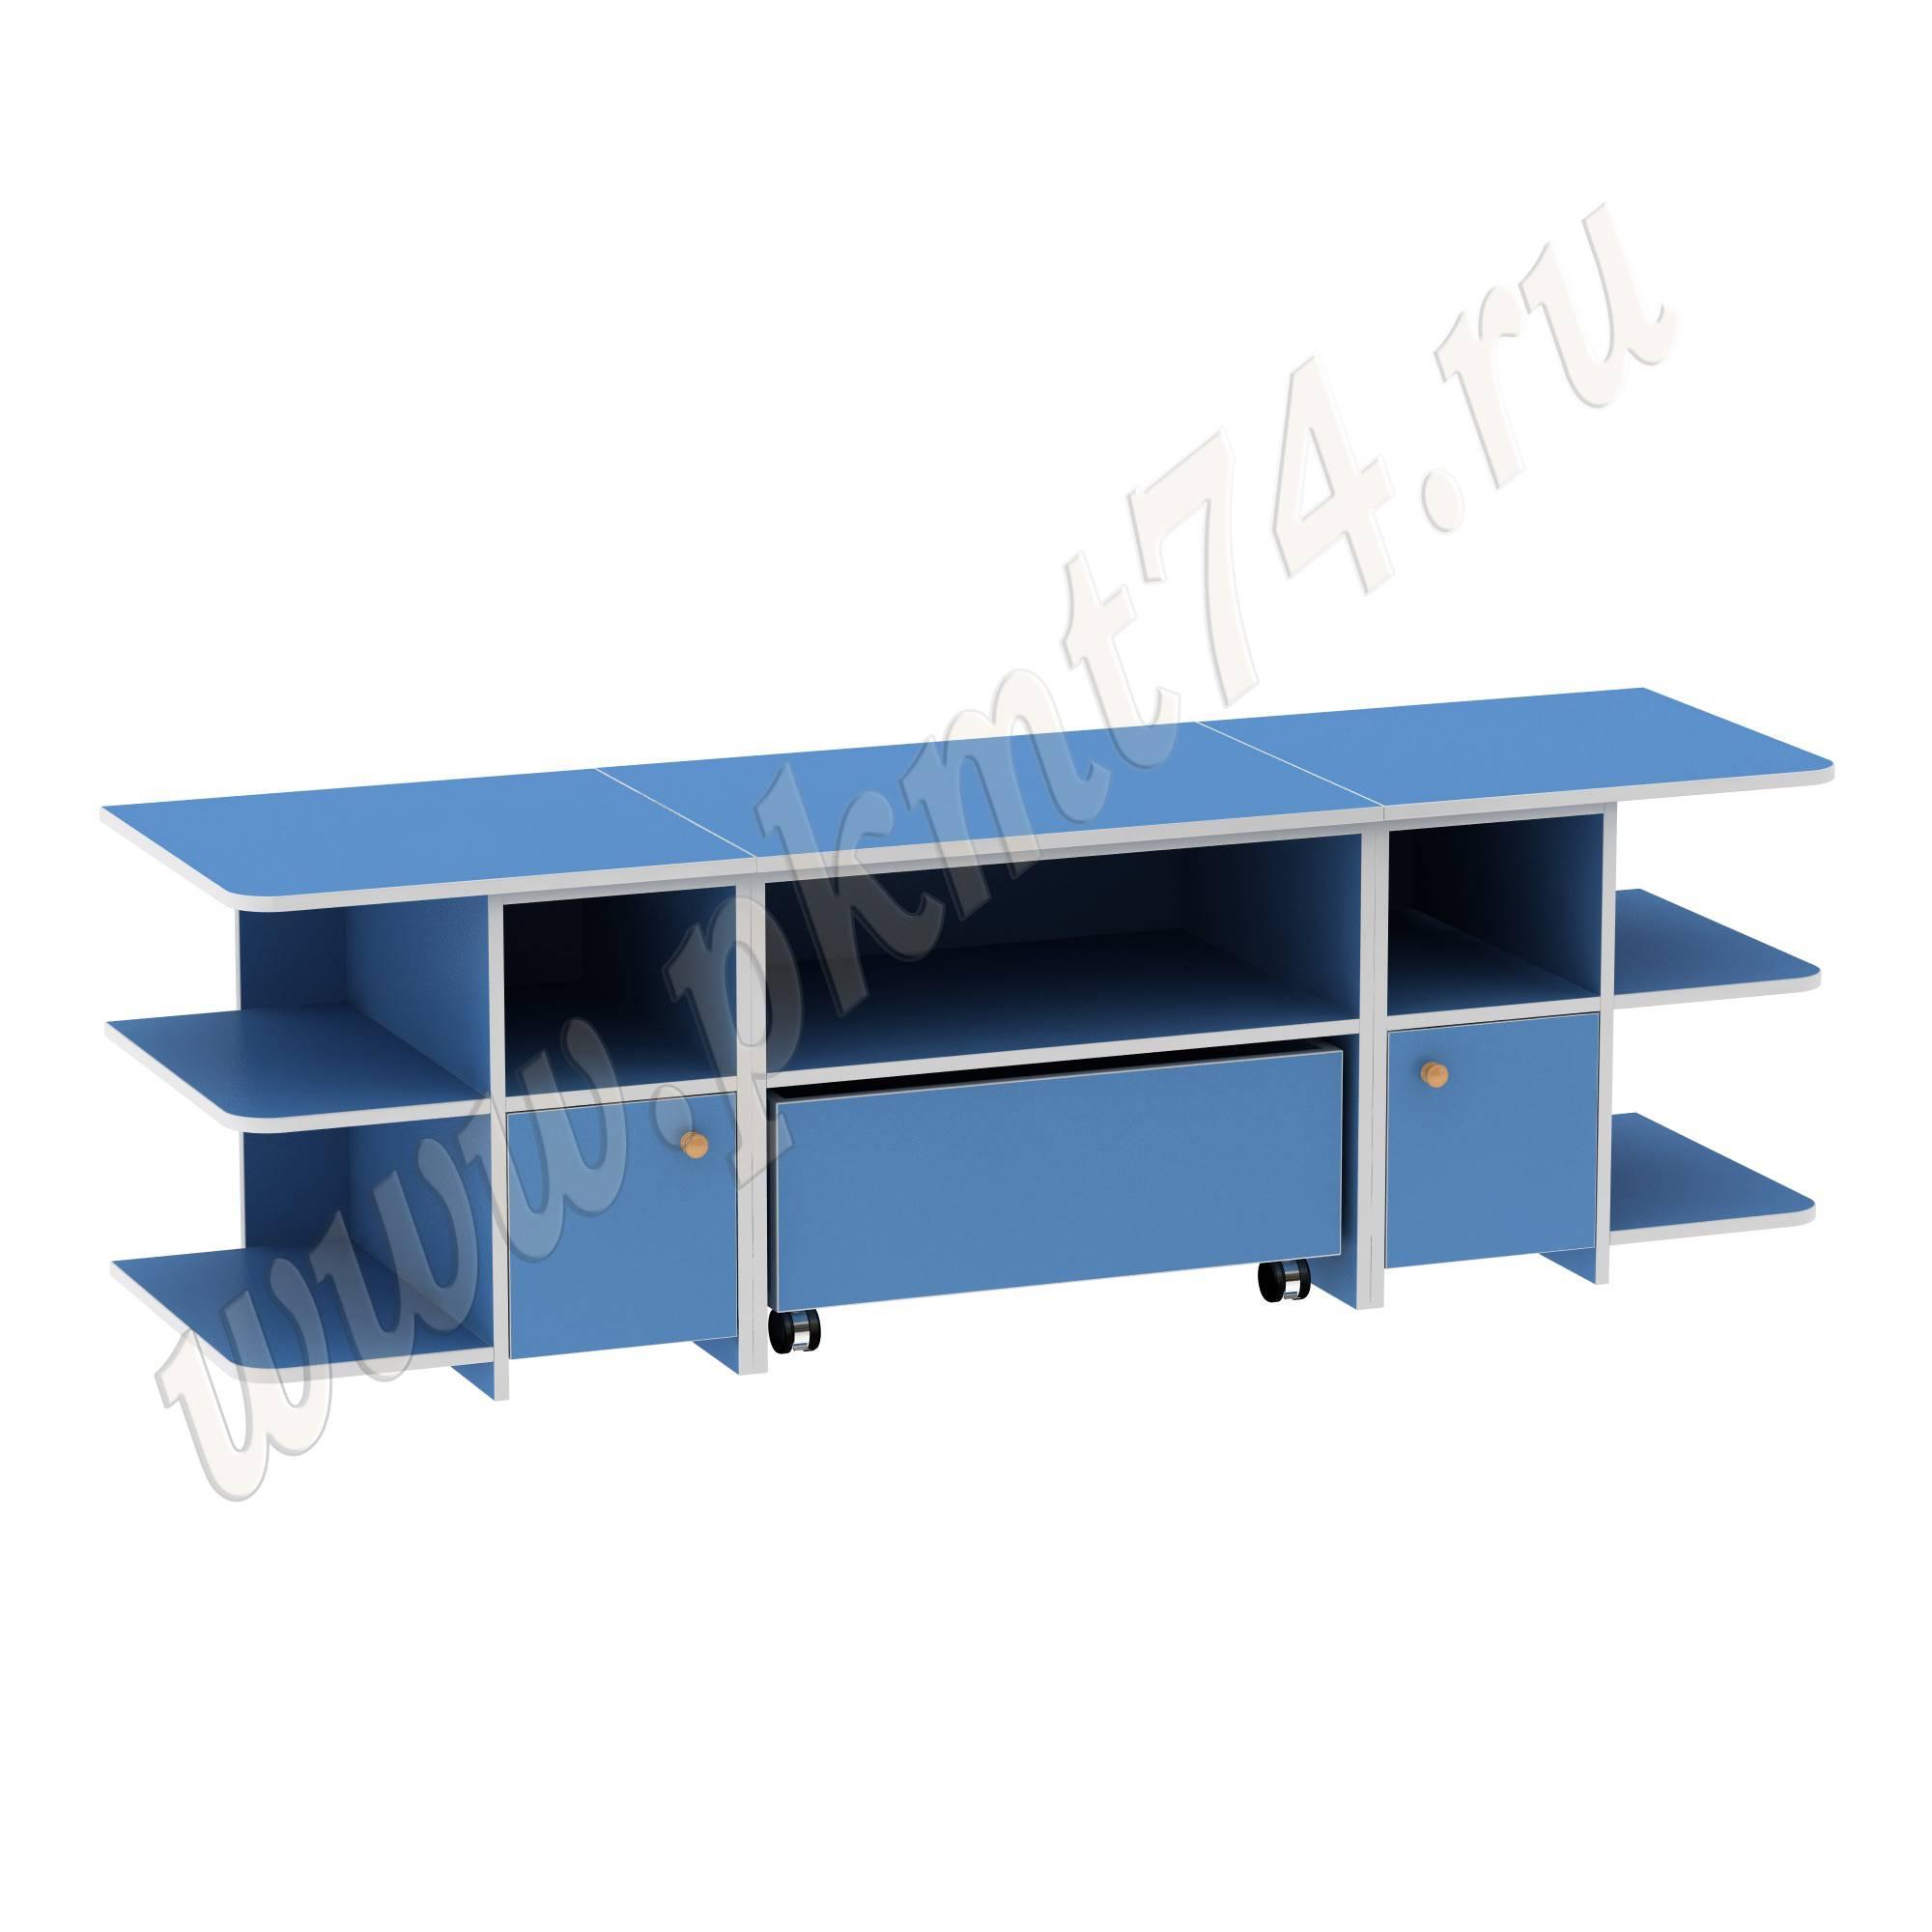 Игровой детский стол с полками для игрушек МТ 17-47 Светлосиний